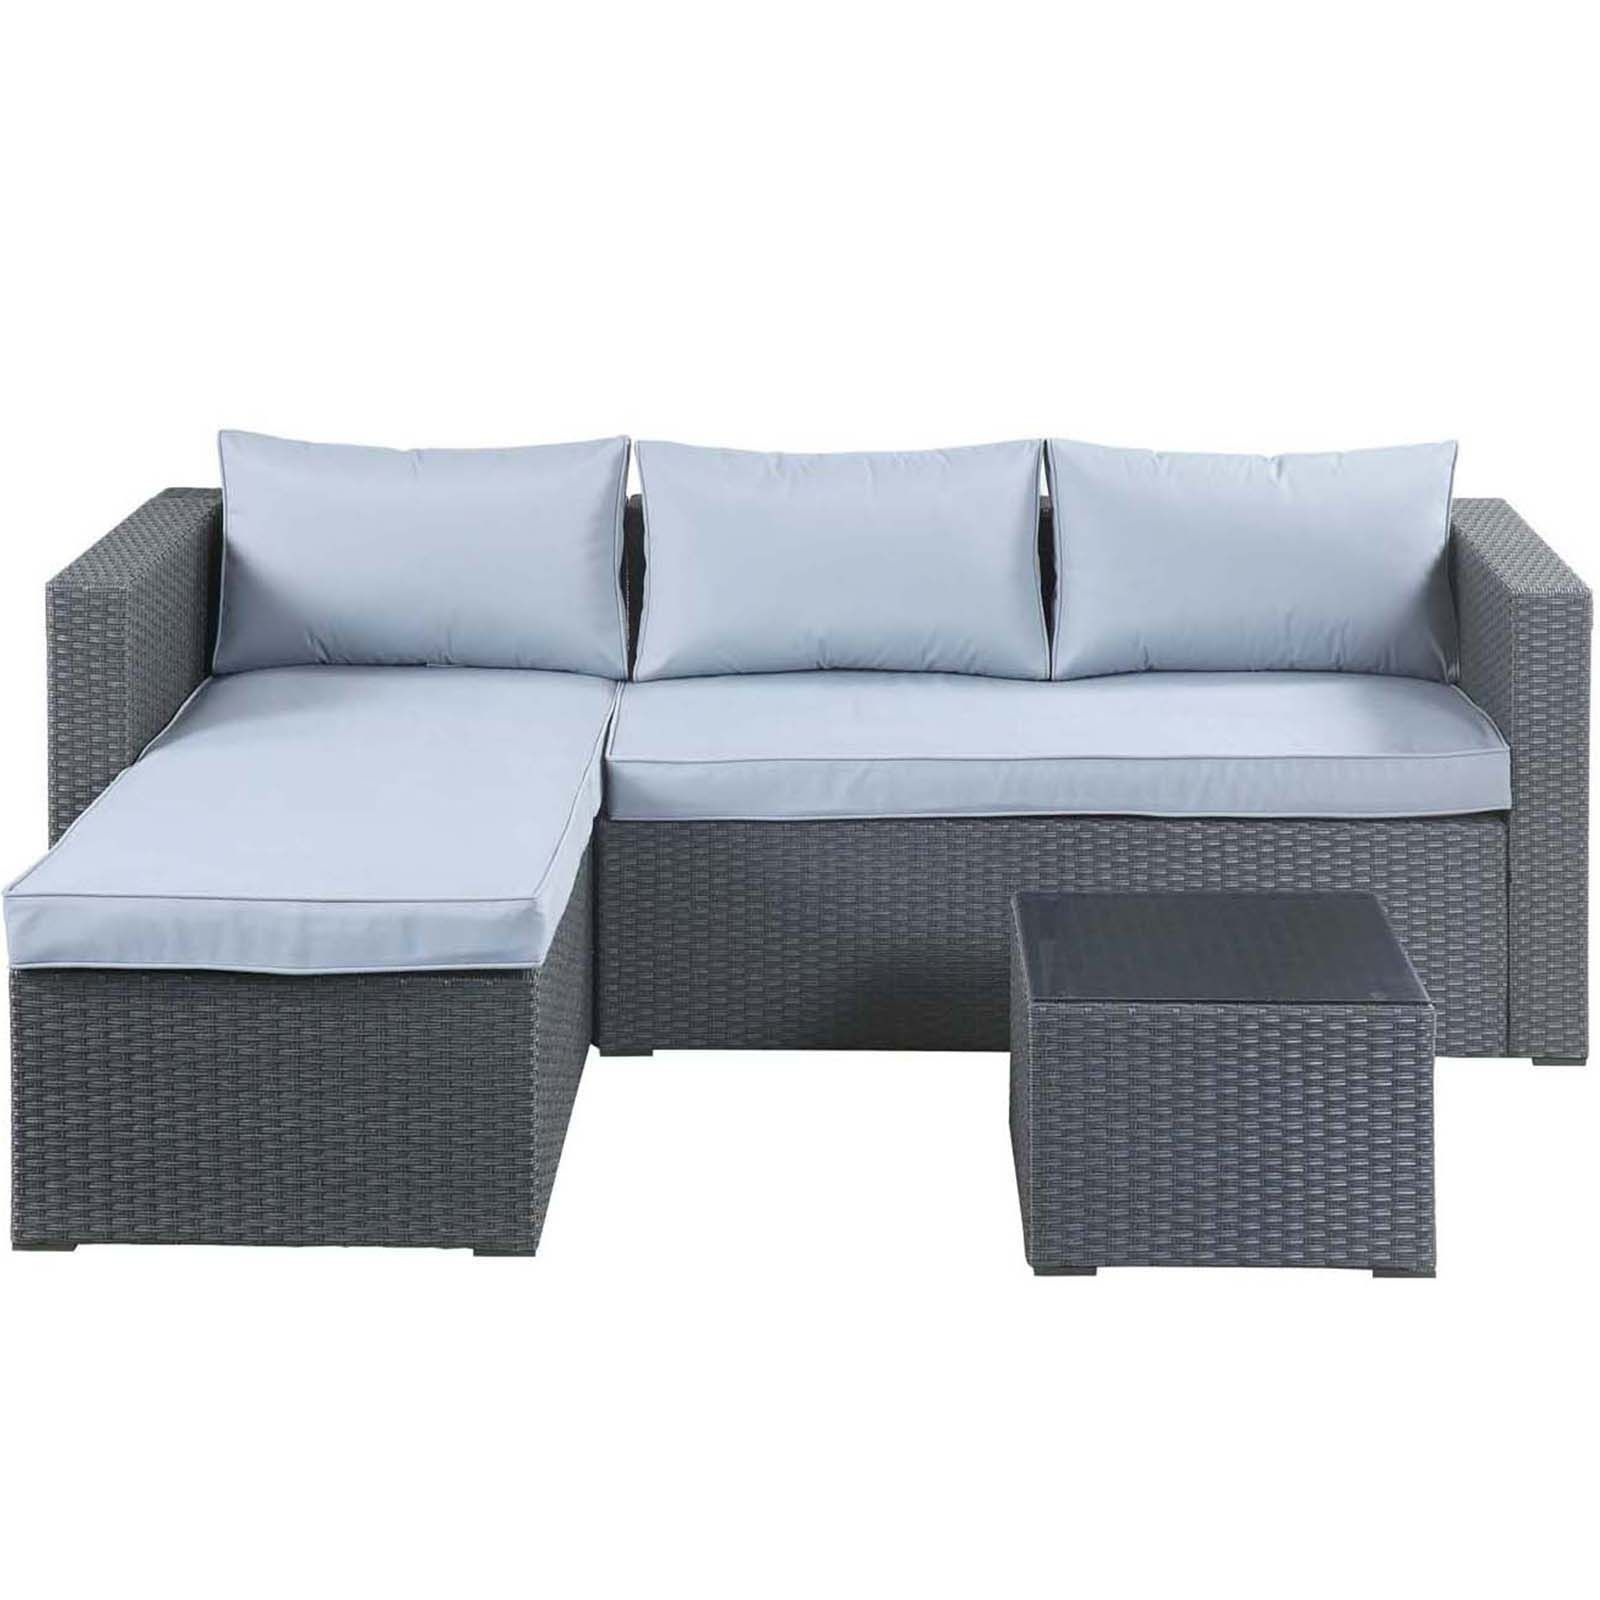 Alexandria Rattan Effect 3 Seater Corner Garden Sofa Set